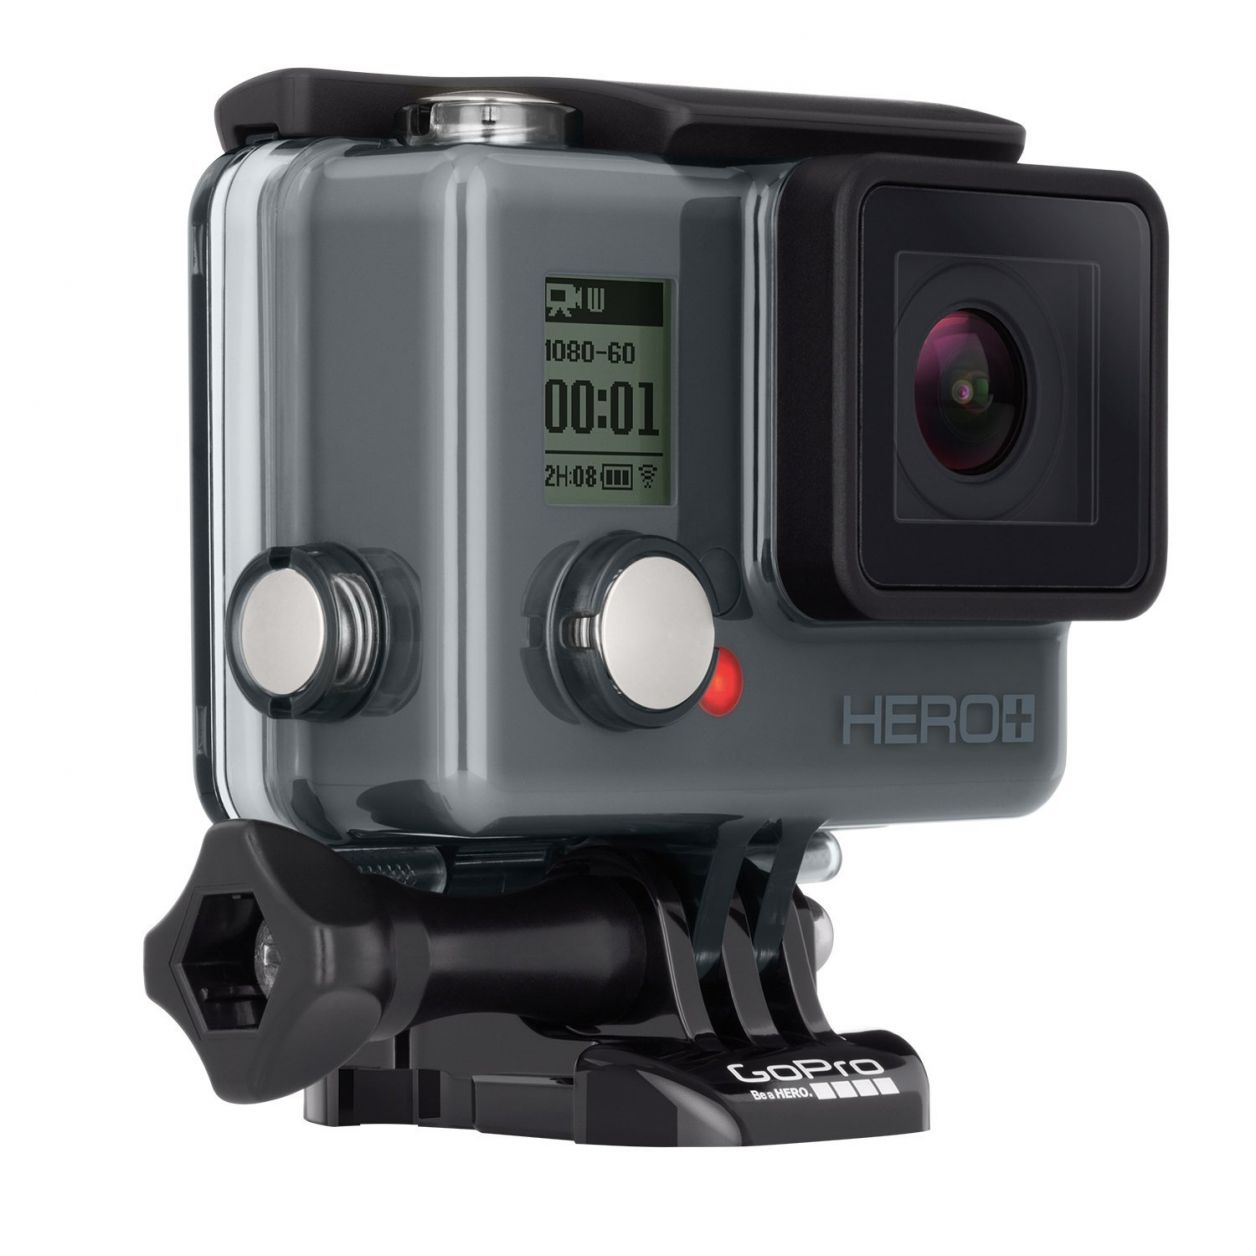 Bon plan : la GoPro Hero+ avec microSDHC 16 Go à 120 euros !